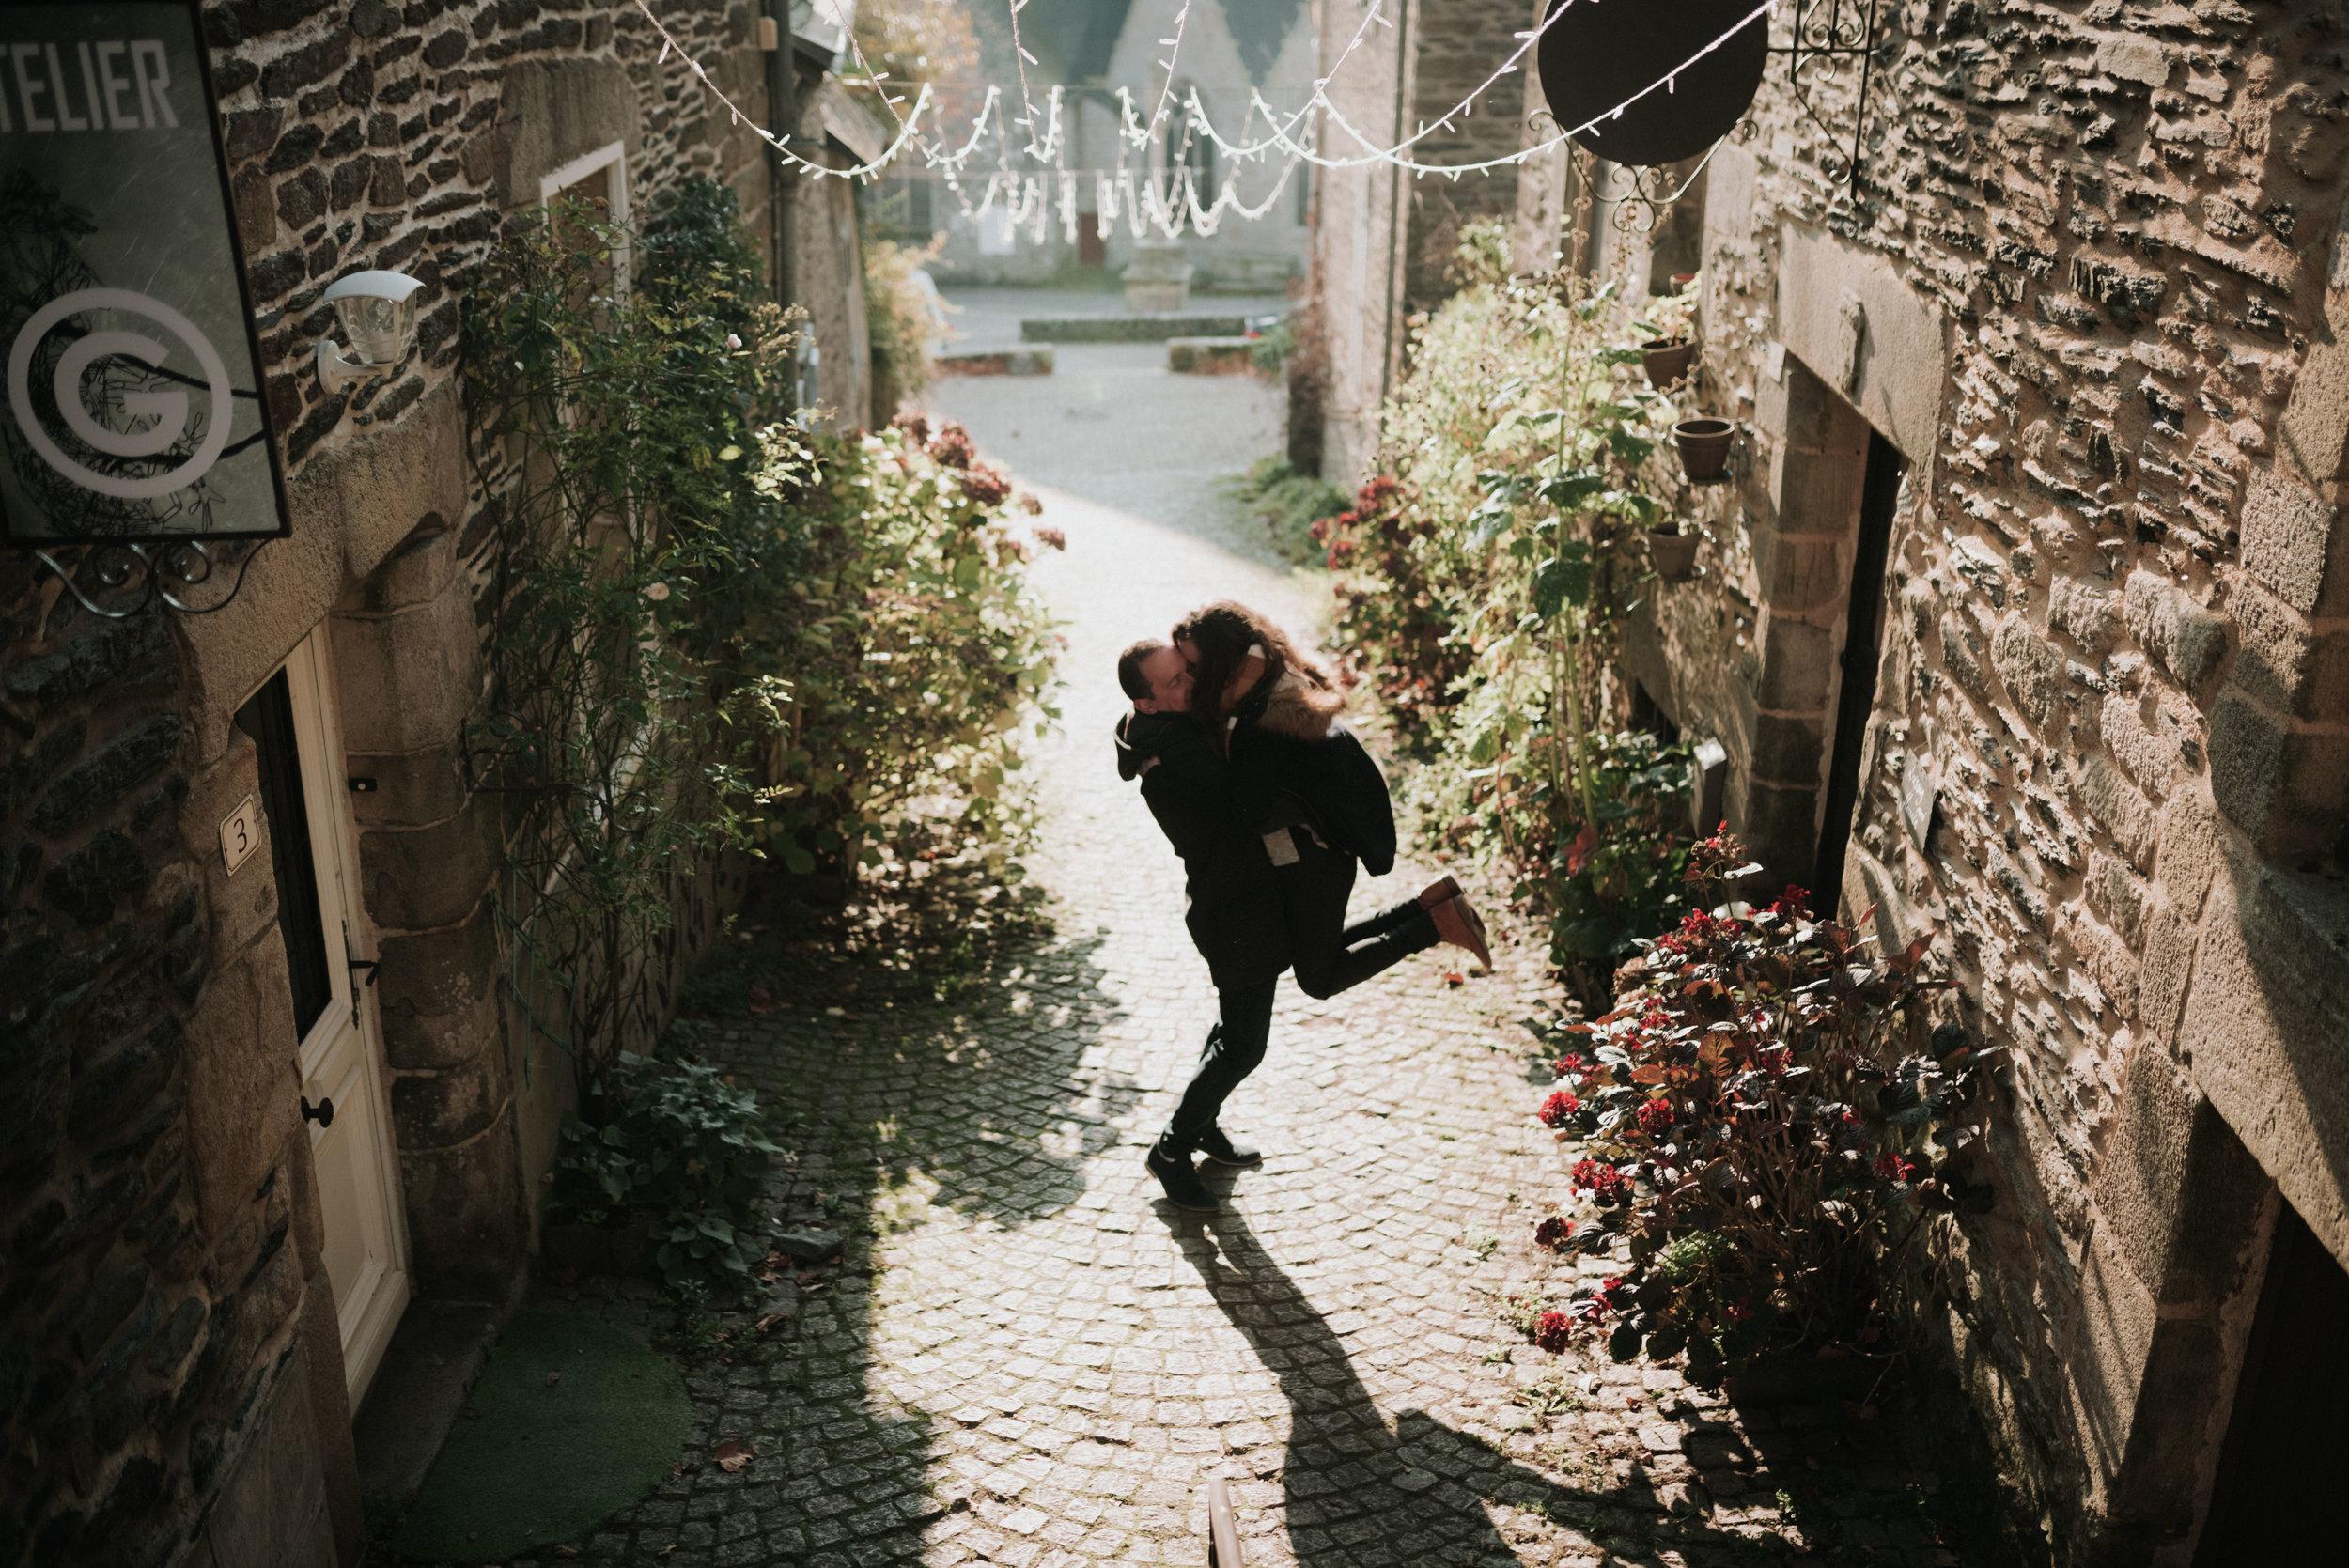 Léa-Fery-photographe-professionnel-lyon-rhone-alpes-portrait-creation-mariage-evenement-evenementiel-famille-4711.jpg